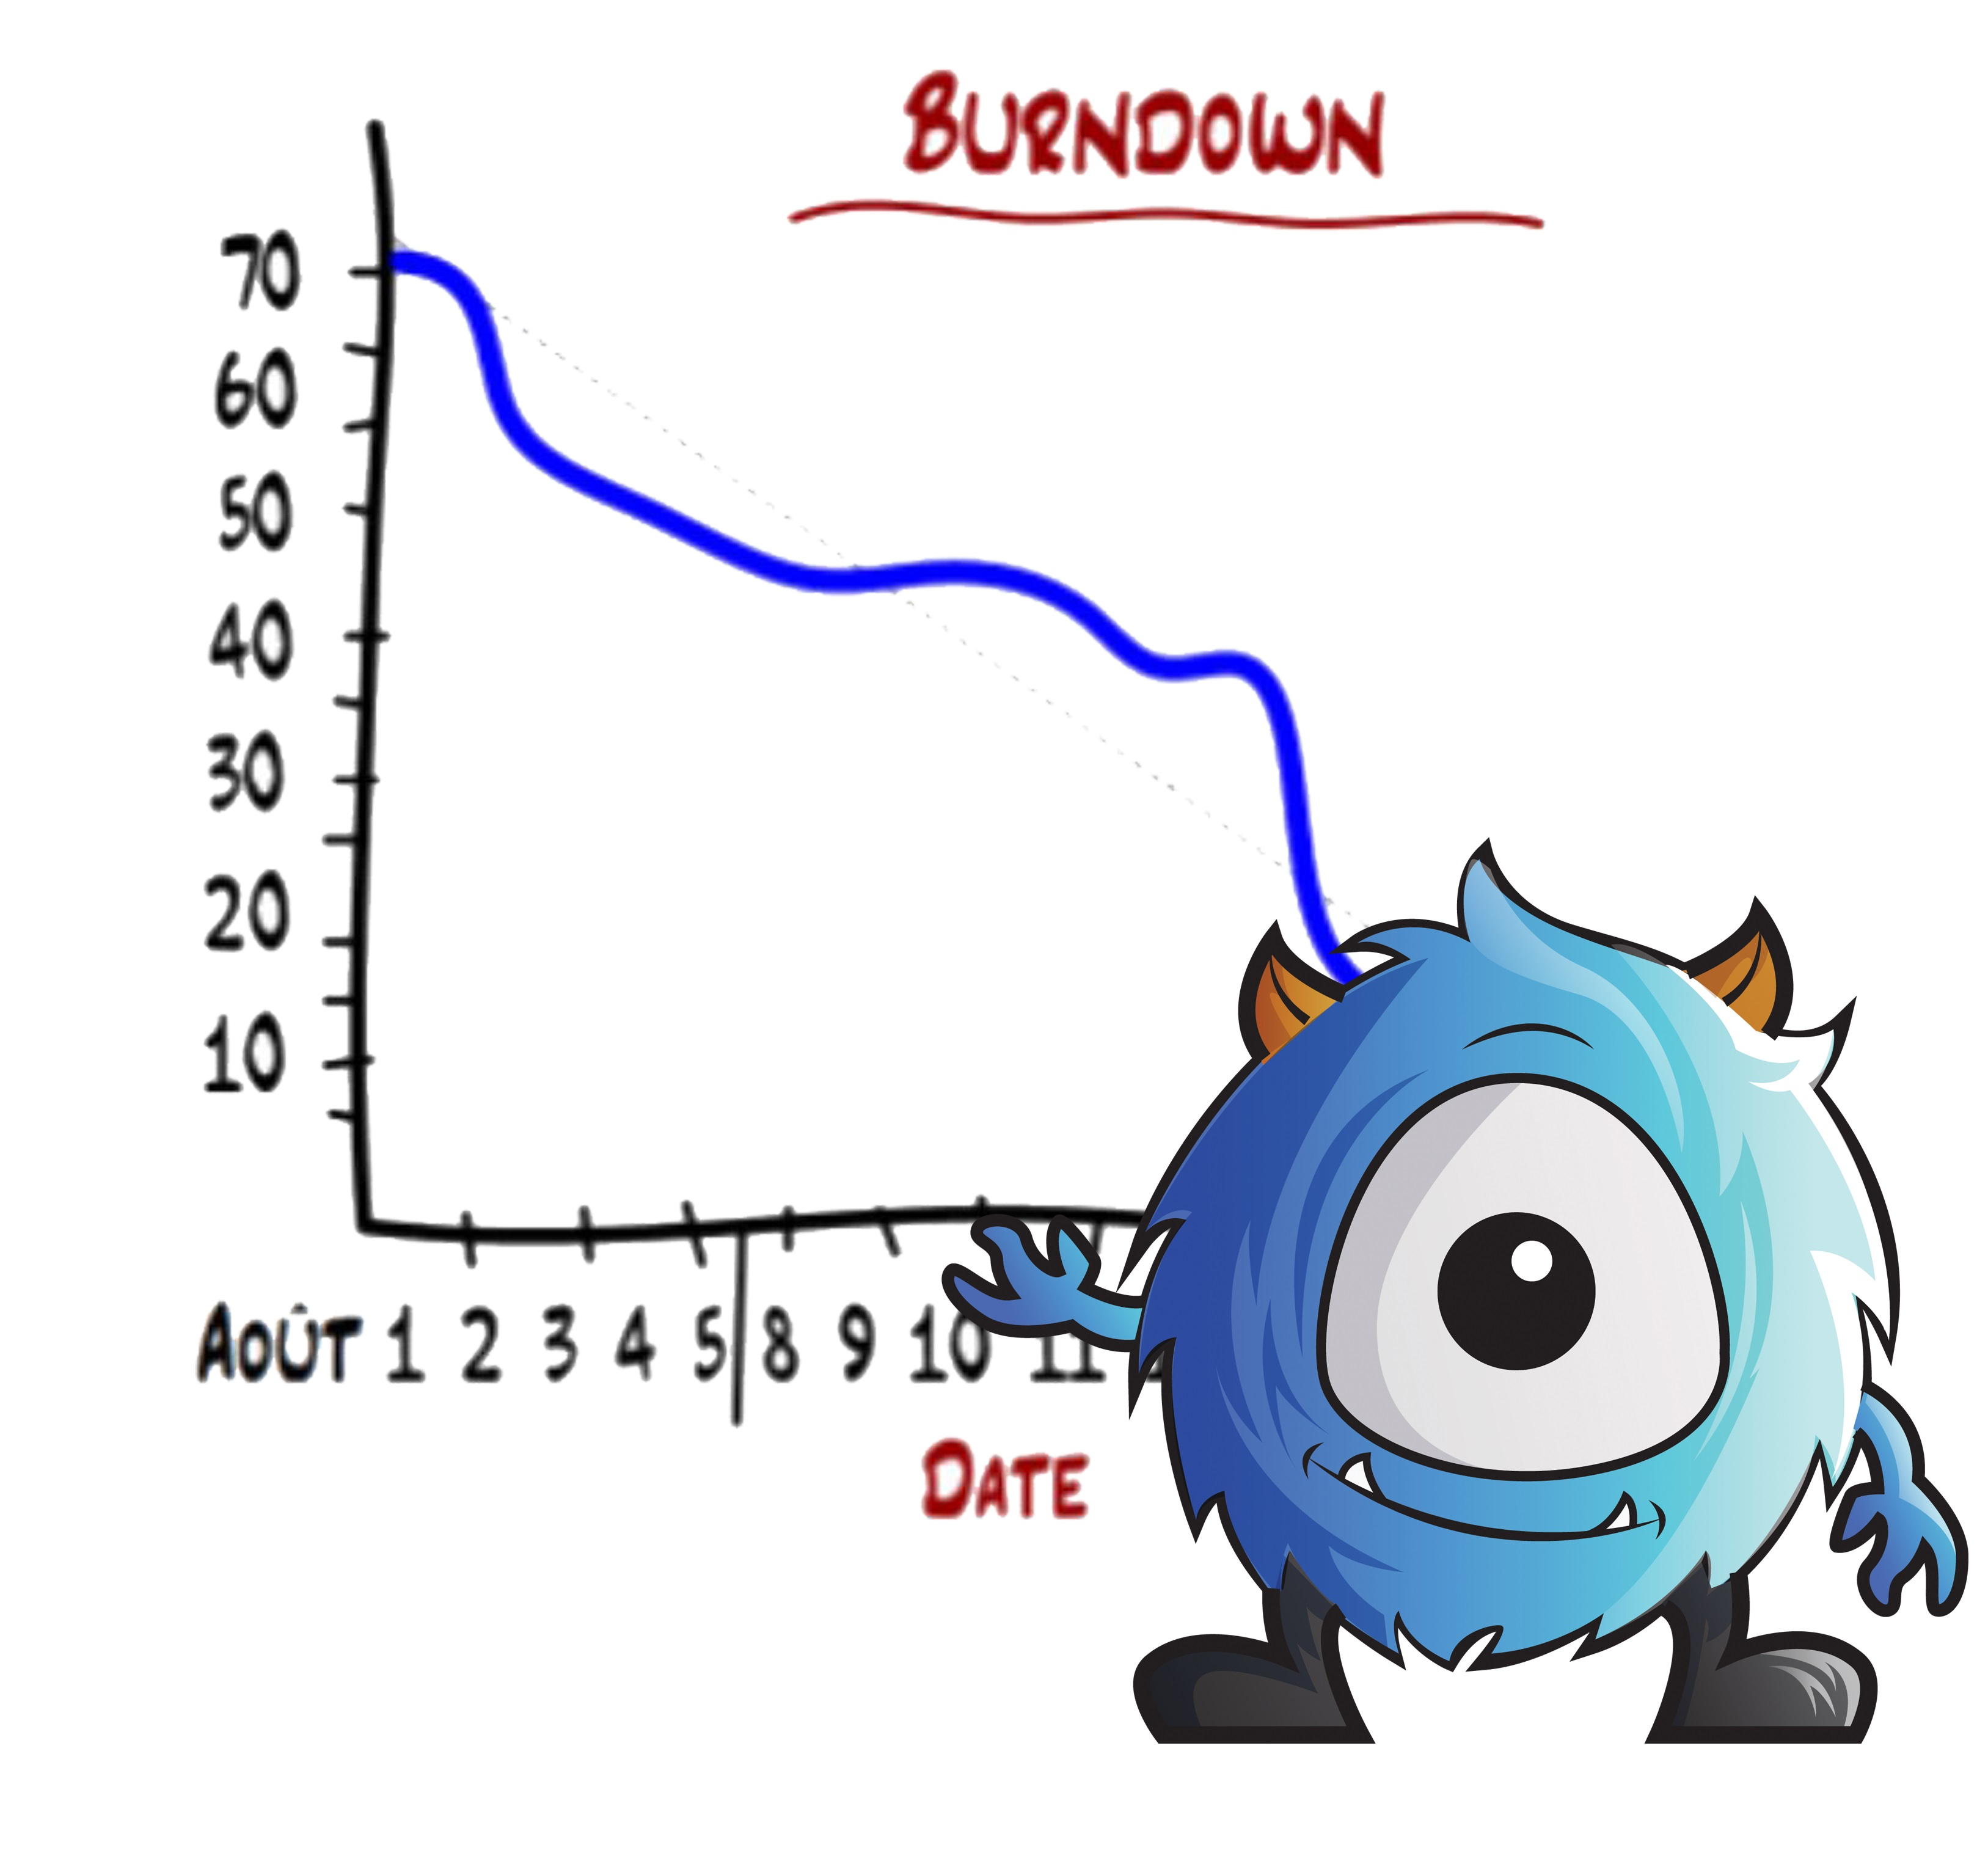 burndown agile